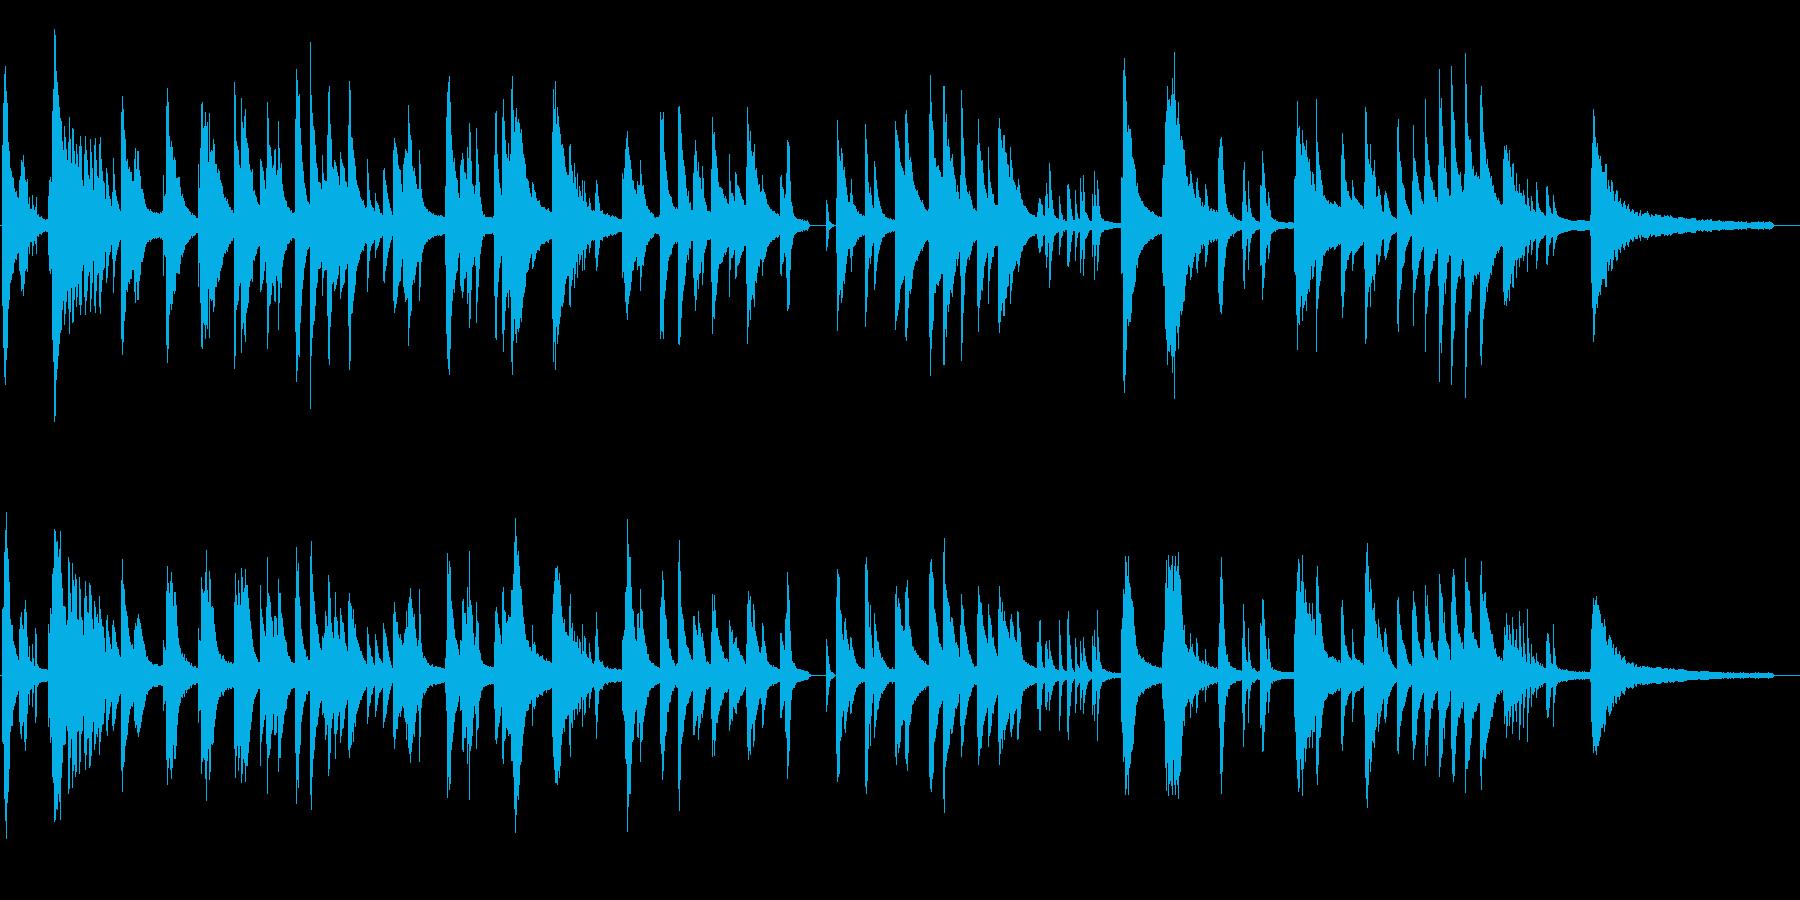 寂しげな現代音楽風ピアノソロの再生済みの波形